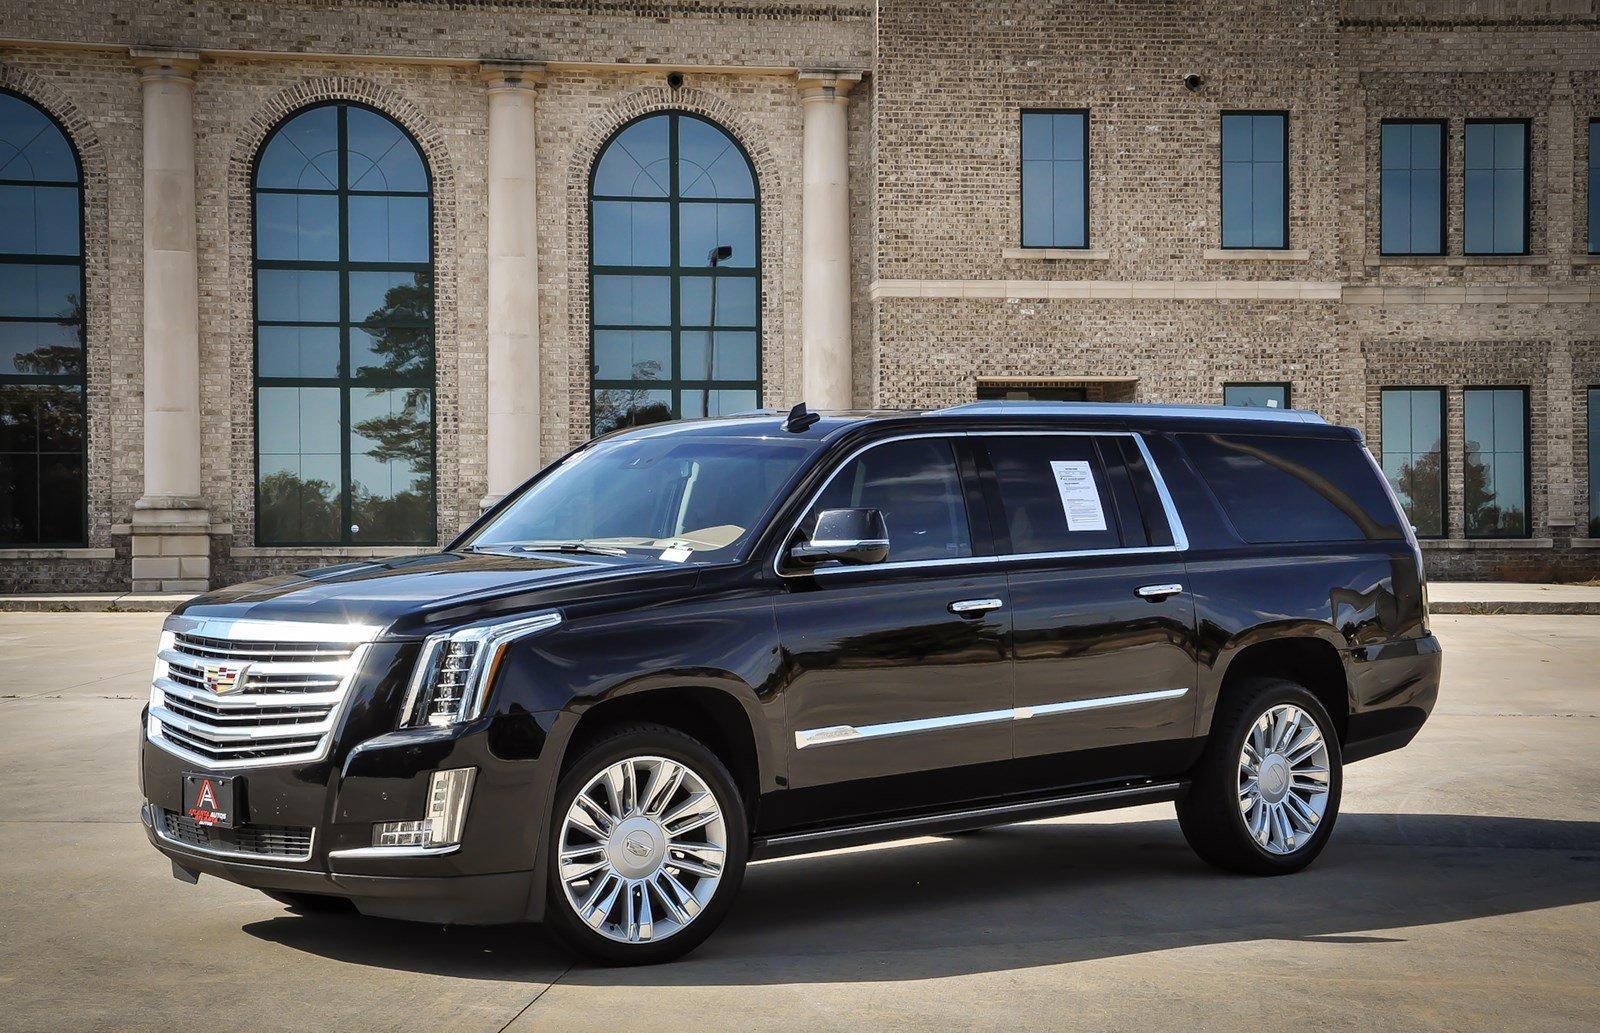 ВТБ Лизинг предлагает автомобили Cadillac и Chevrolet на специальных условиях - новости Афанасий